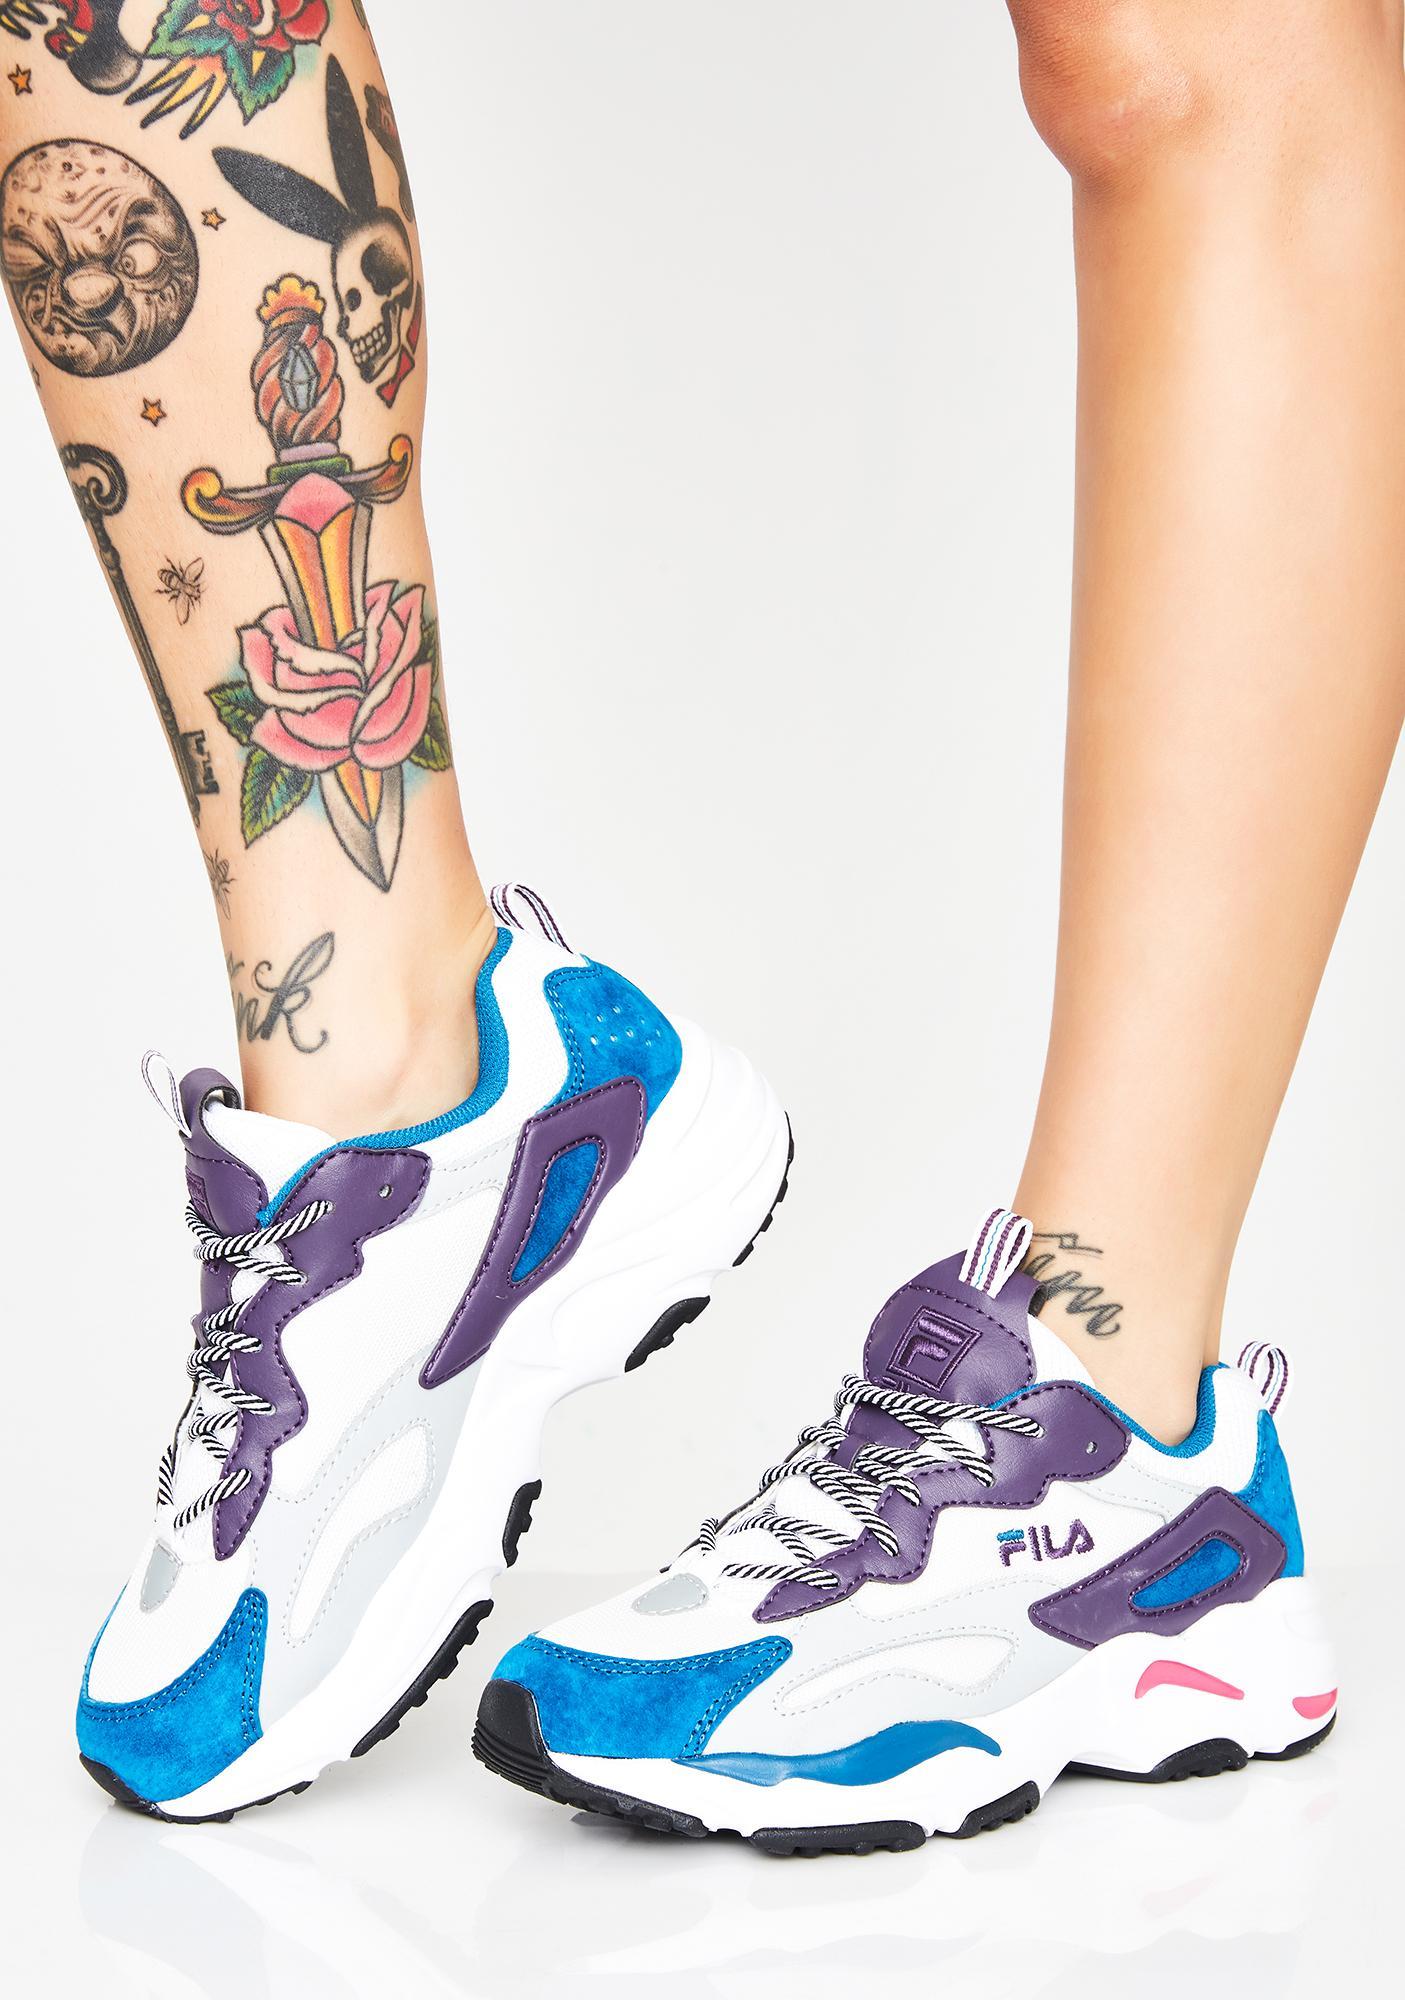 b0b34f8d7e856 Fila Kush Ray Tracer Sneakers